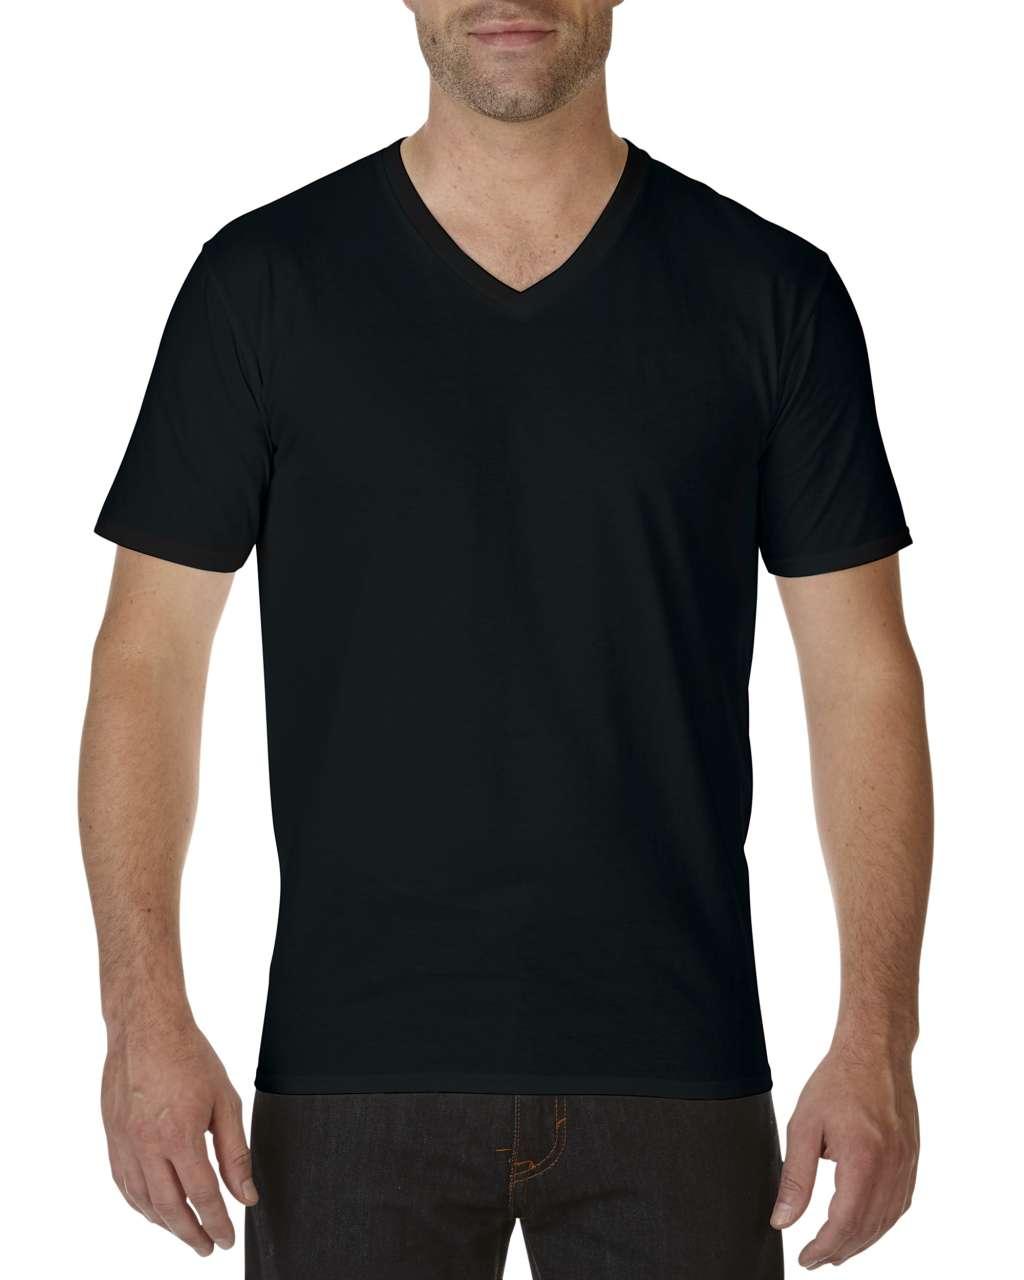 Tricou barbatesc cu guler in V Gildan Premium Cotton bumbac 185 g/mp serigrafie termotransfer broderie DTG | Toroadv.ro